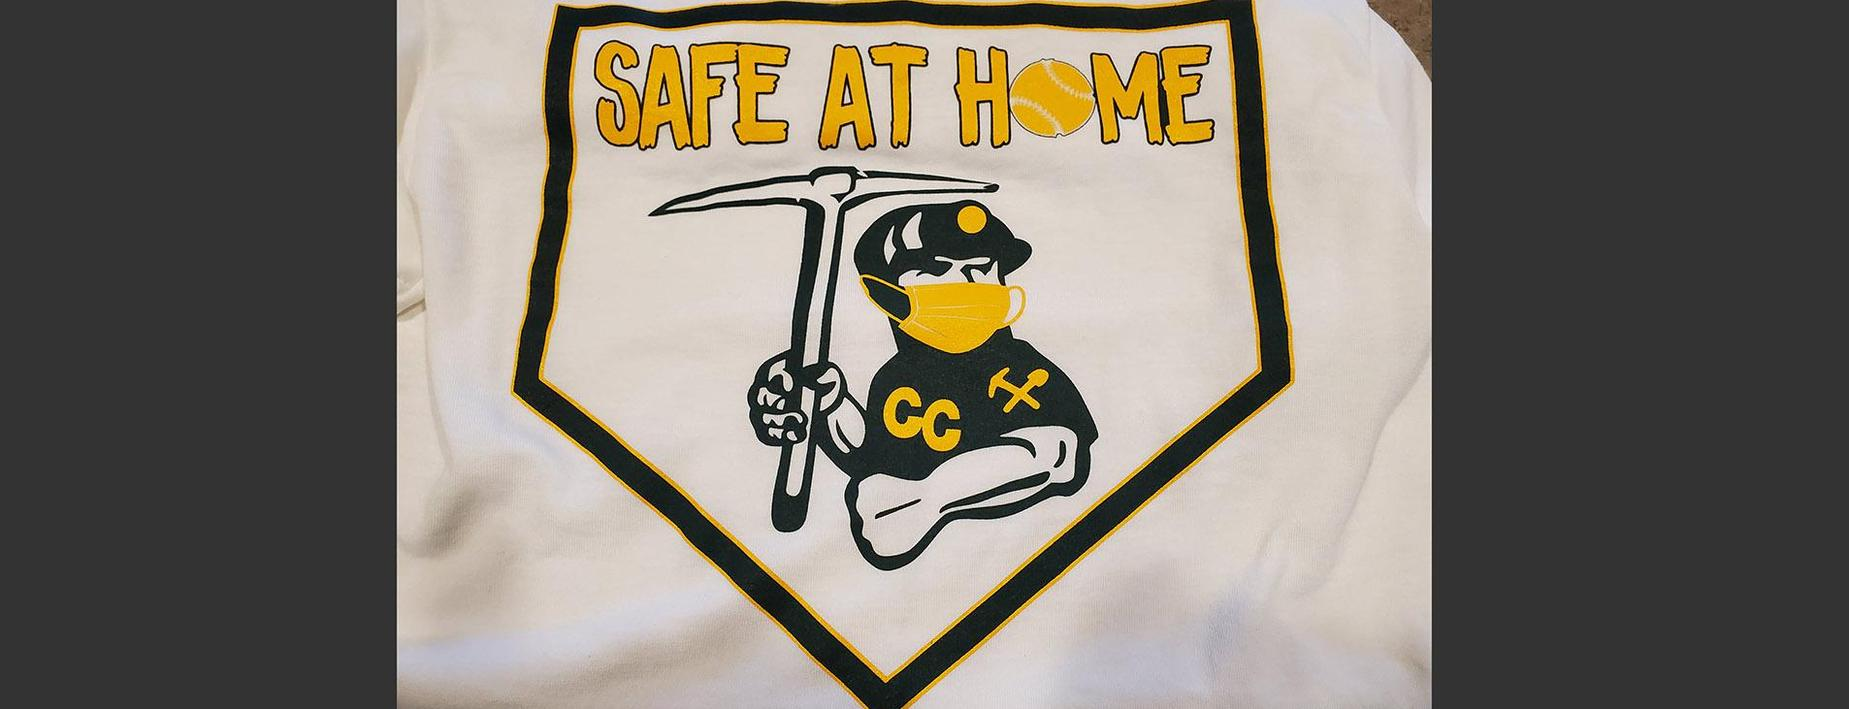 baseball shirt - safe at home